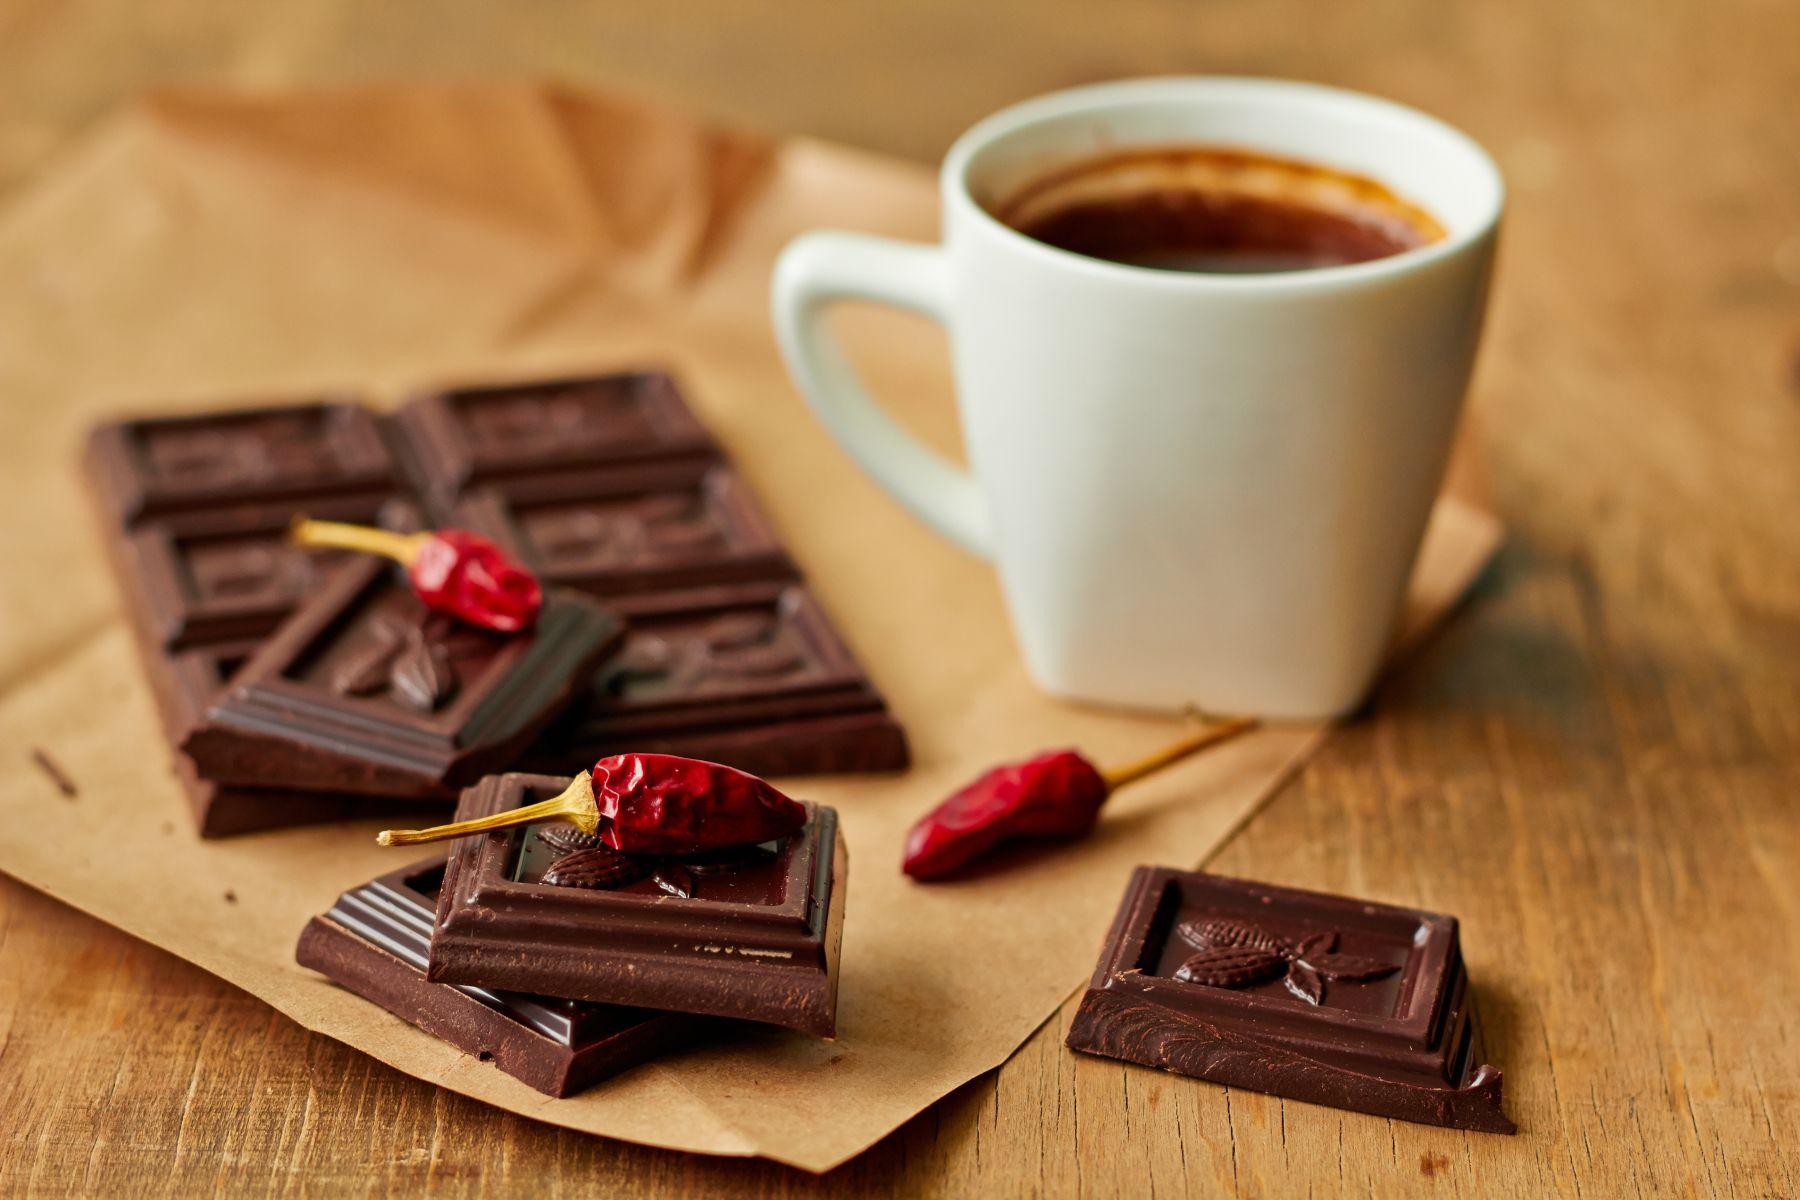 Ciocolata cu chili este cea mai nouă inspirație pentru specialiștii în colorarea părului